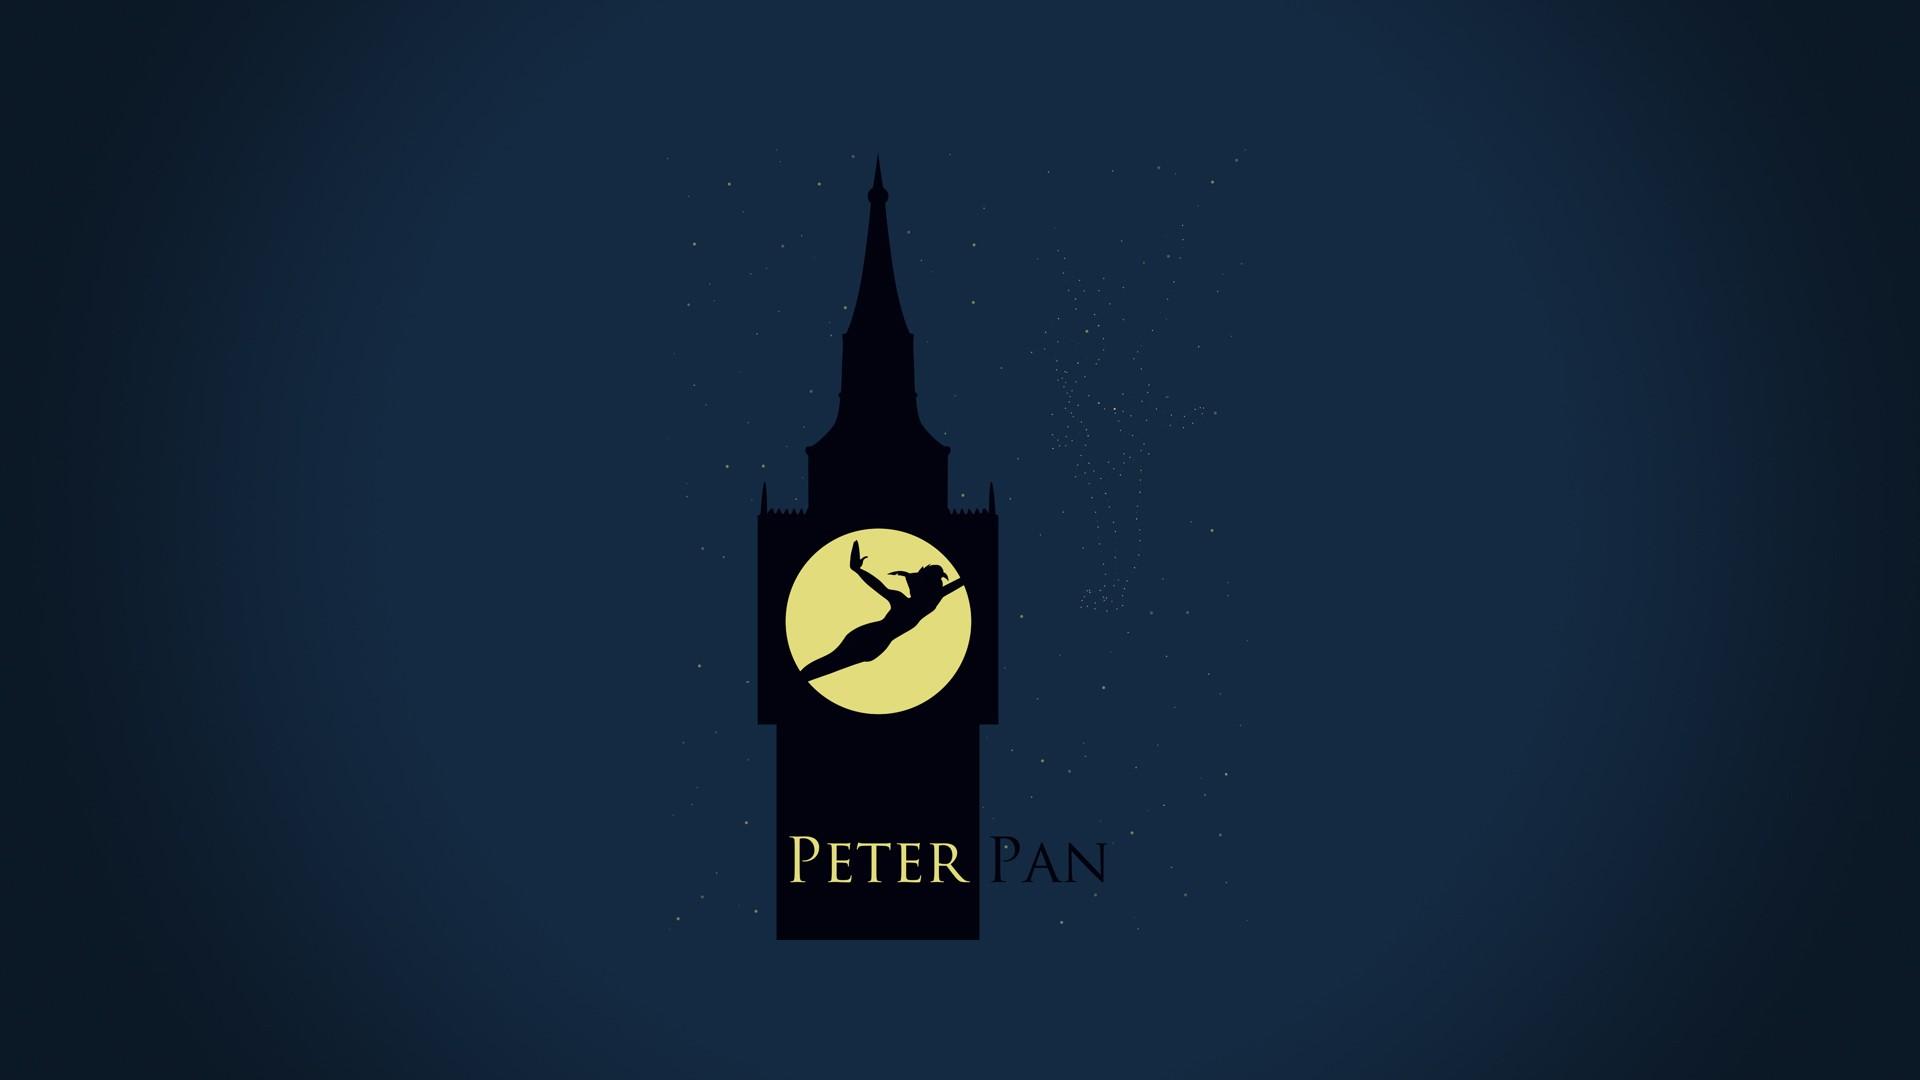 Iphone wallpaper tumblr peter pan - Related Pictures Download Peter Pan Iphone Wallpaper 640x960